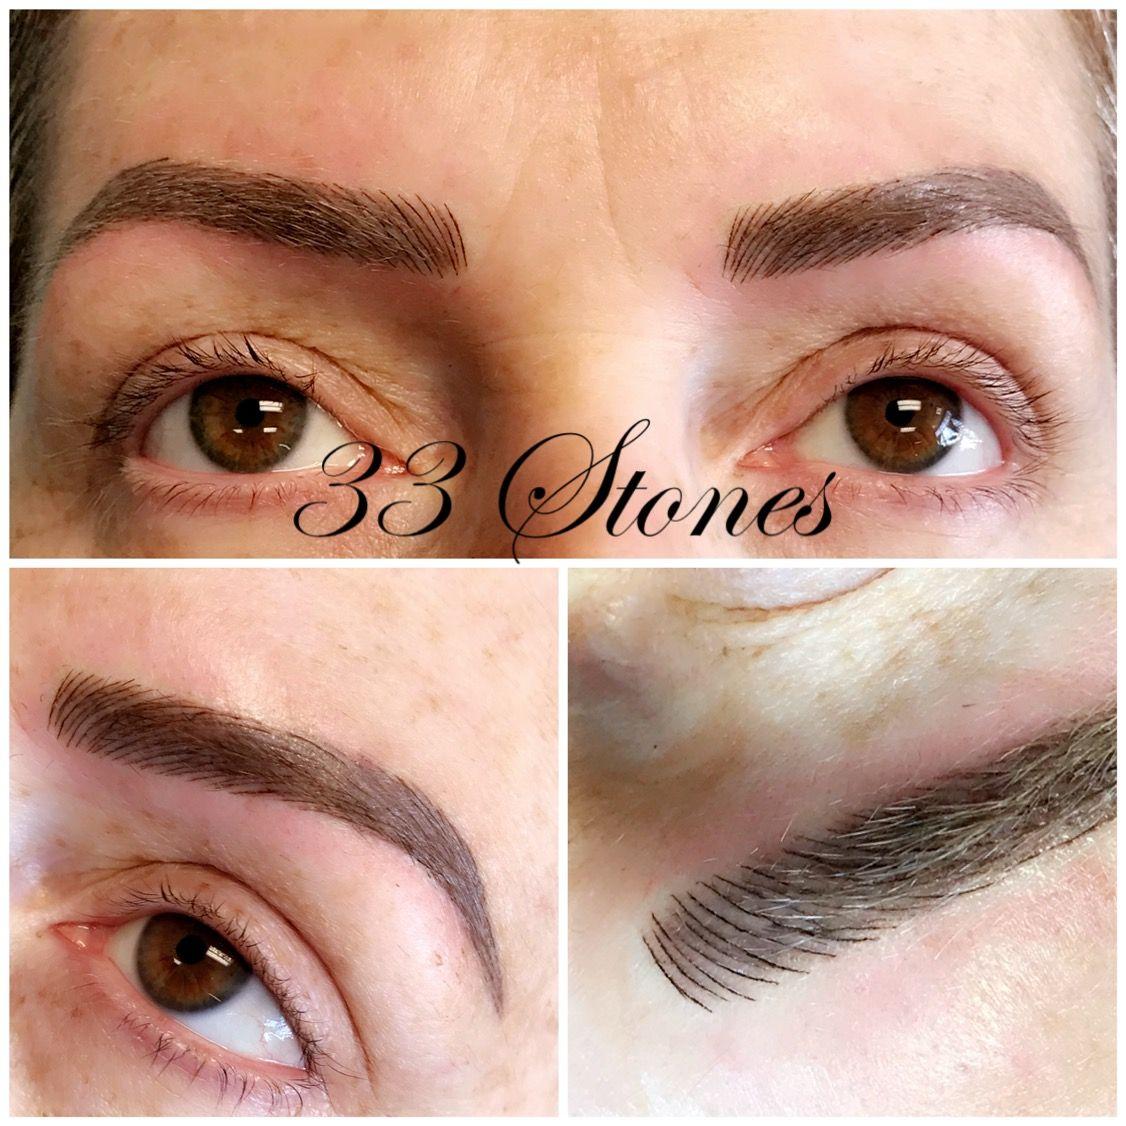 Pin by Sarah Hummel on Permanent makeup Permanent makeup